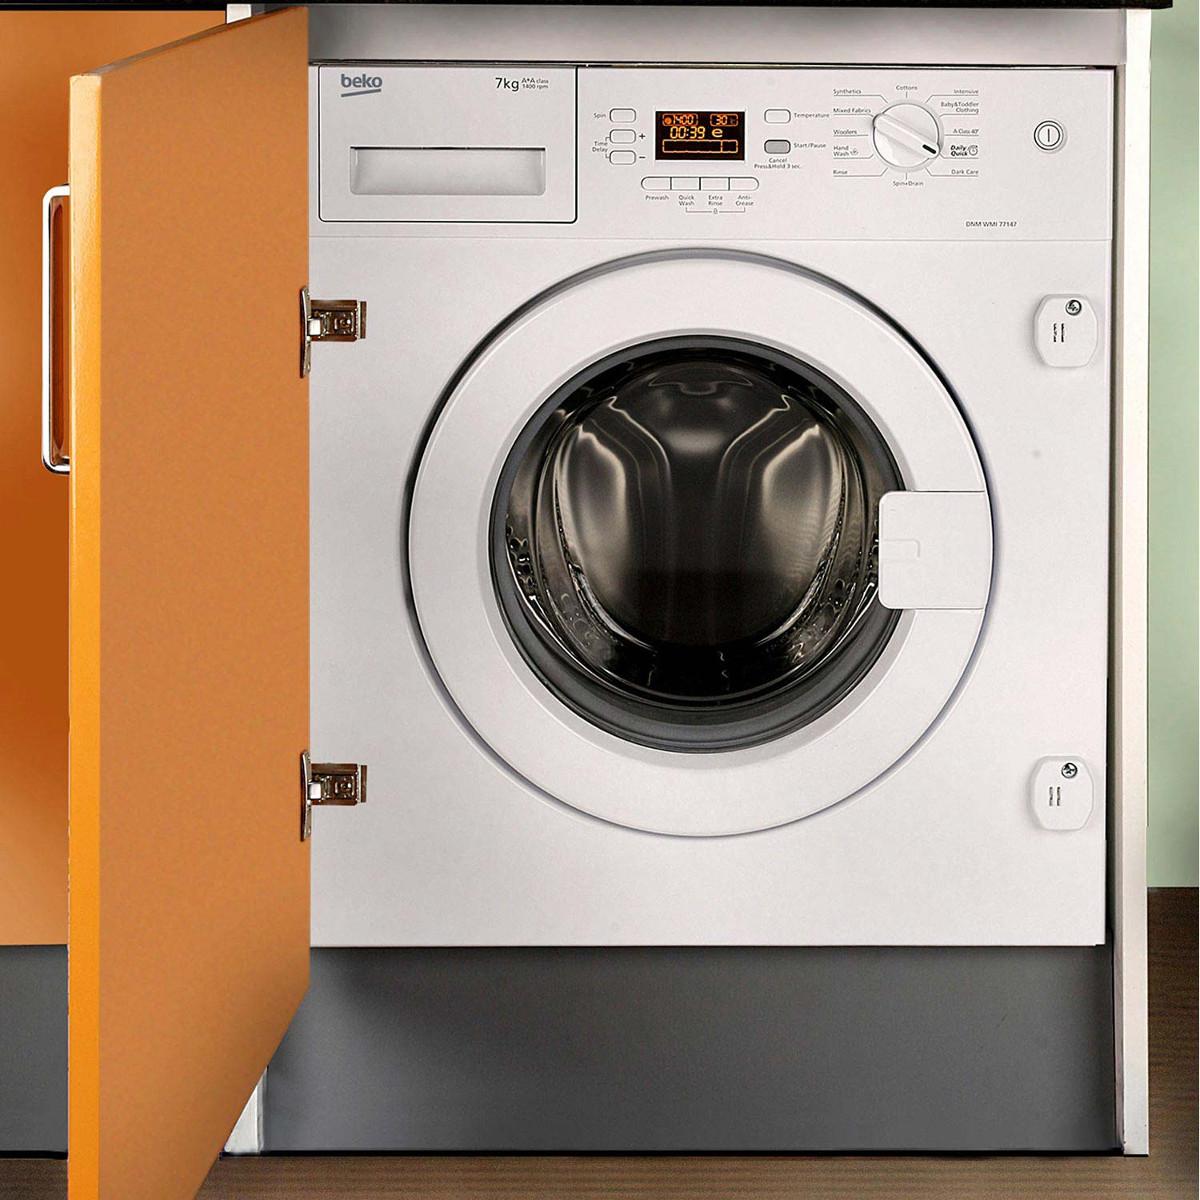 buy beko wmi71441 integrated 7kg washing machine. Black Bedroom Furniture Sets. Home Design Ideas